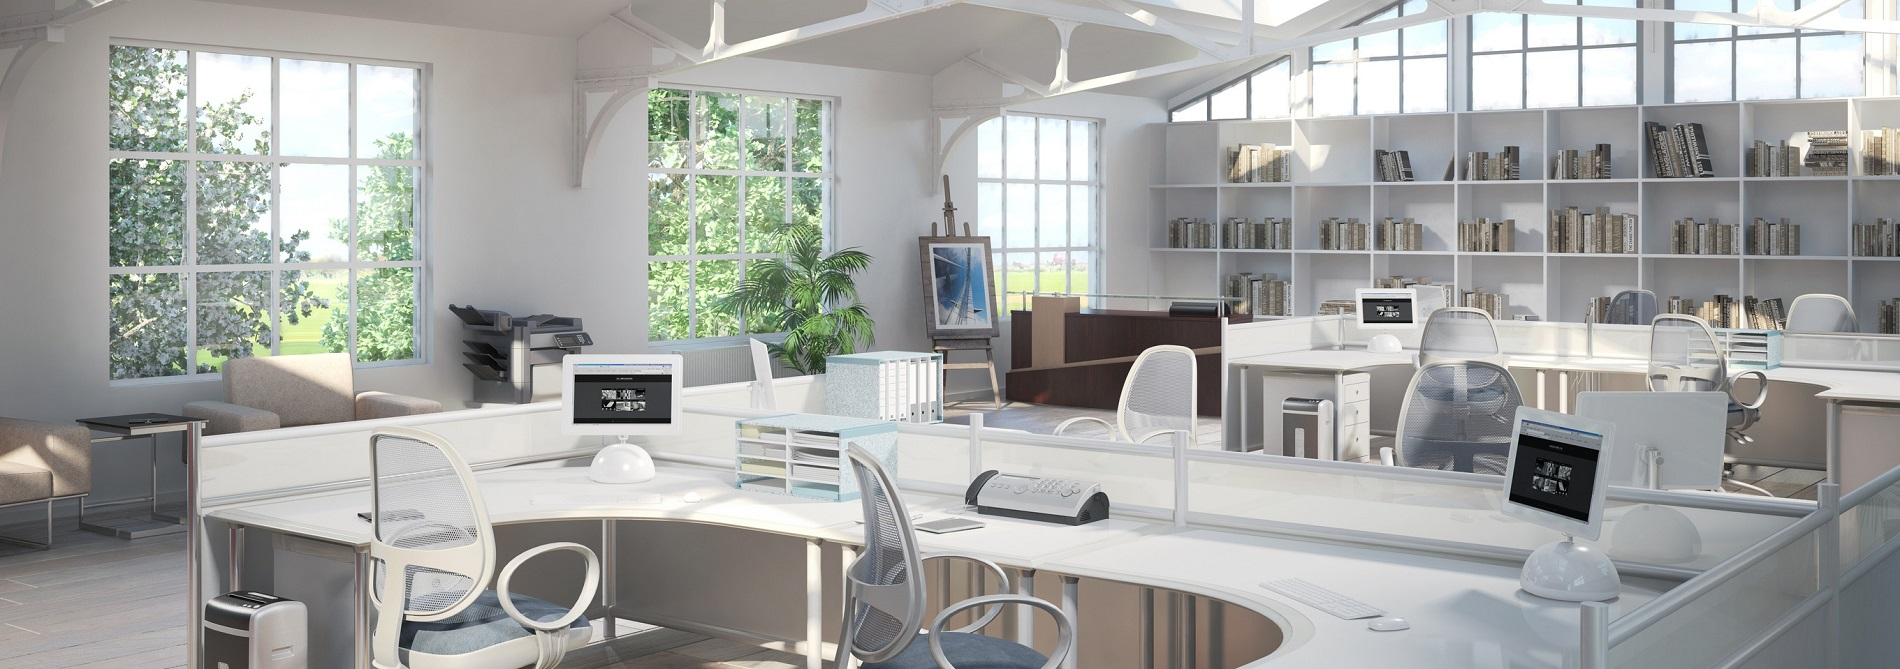 chasseur-immobilier-yvelines-entreprise-location-gestion-achat-openspace-bureaux